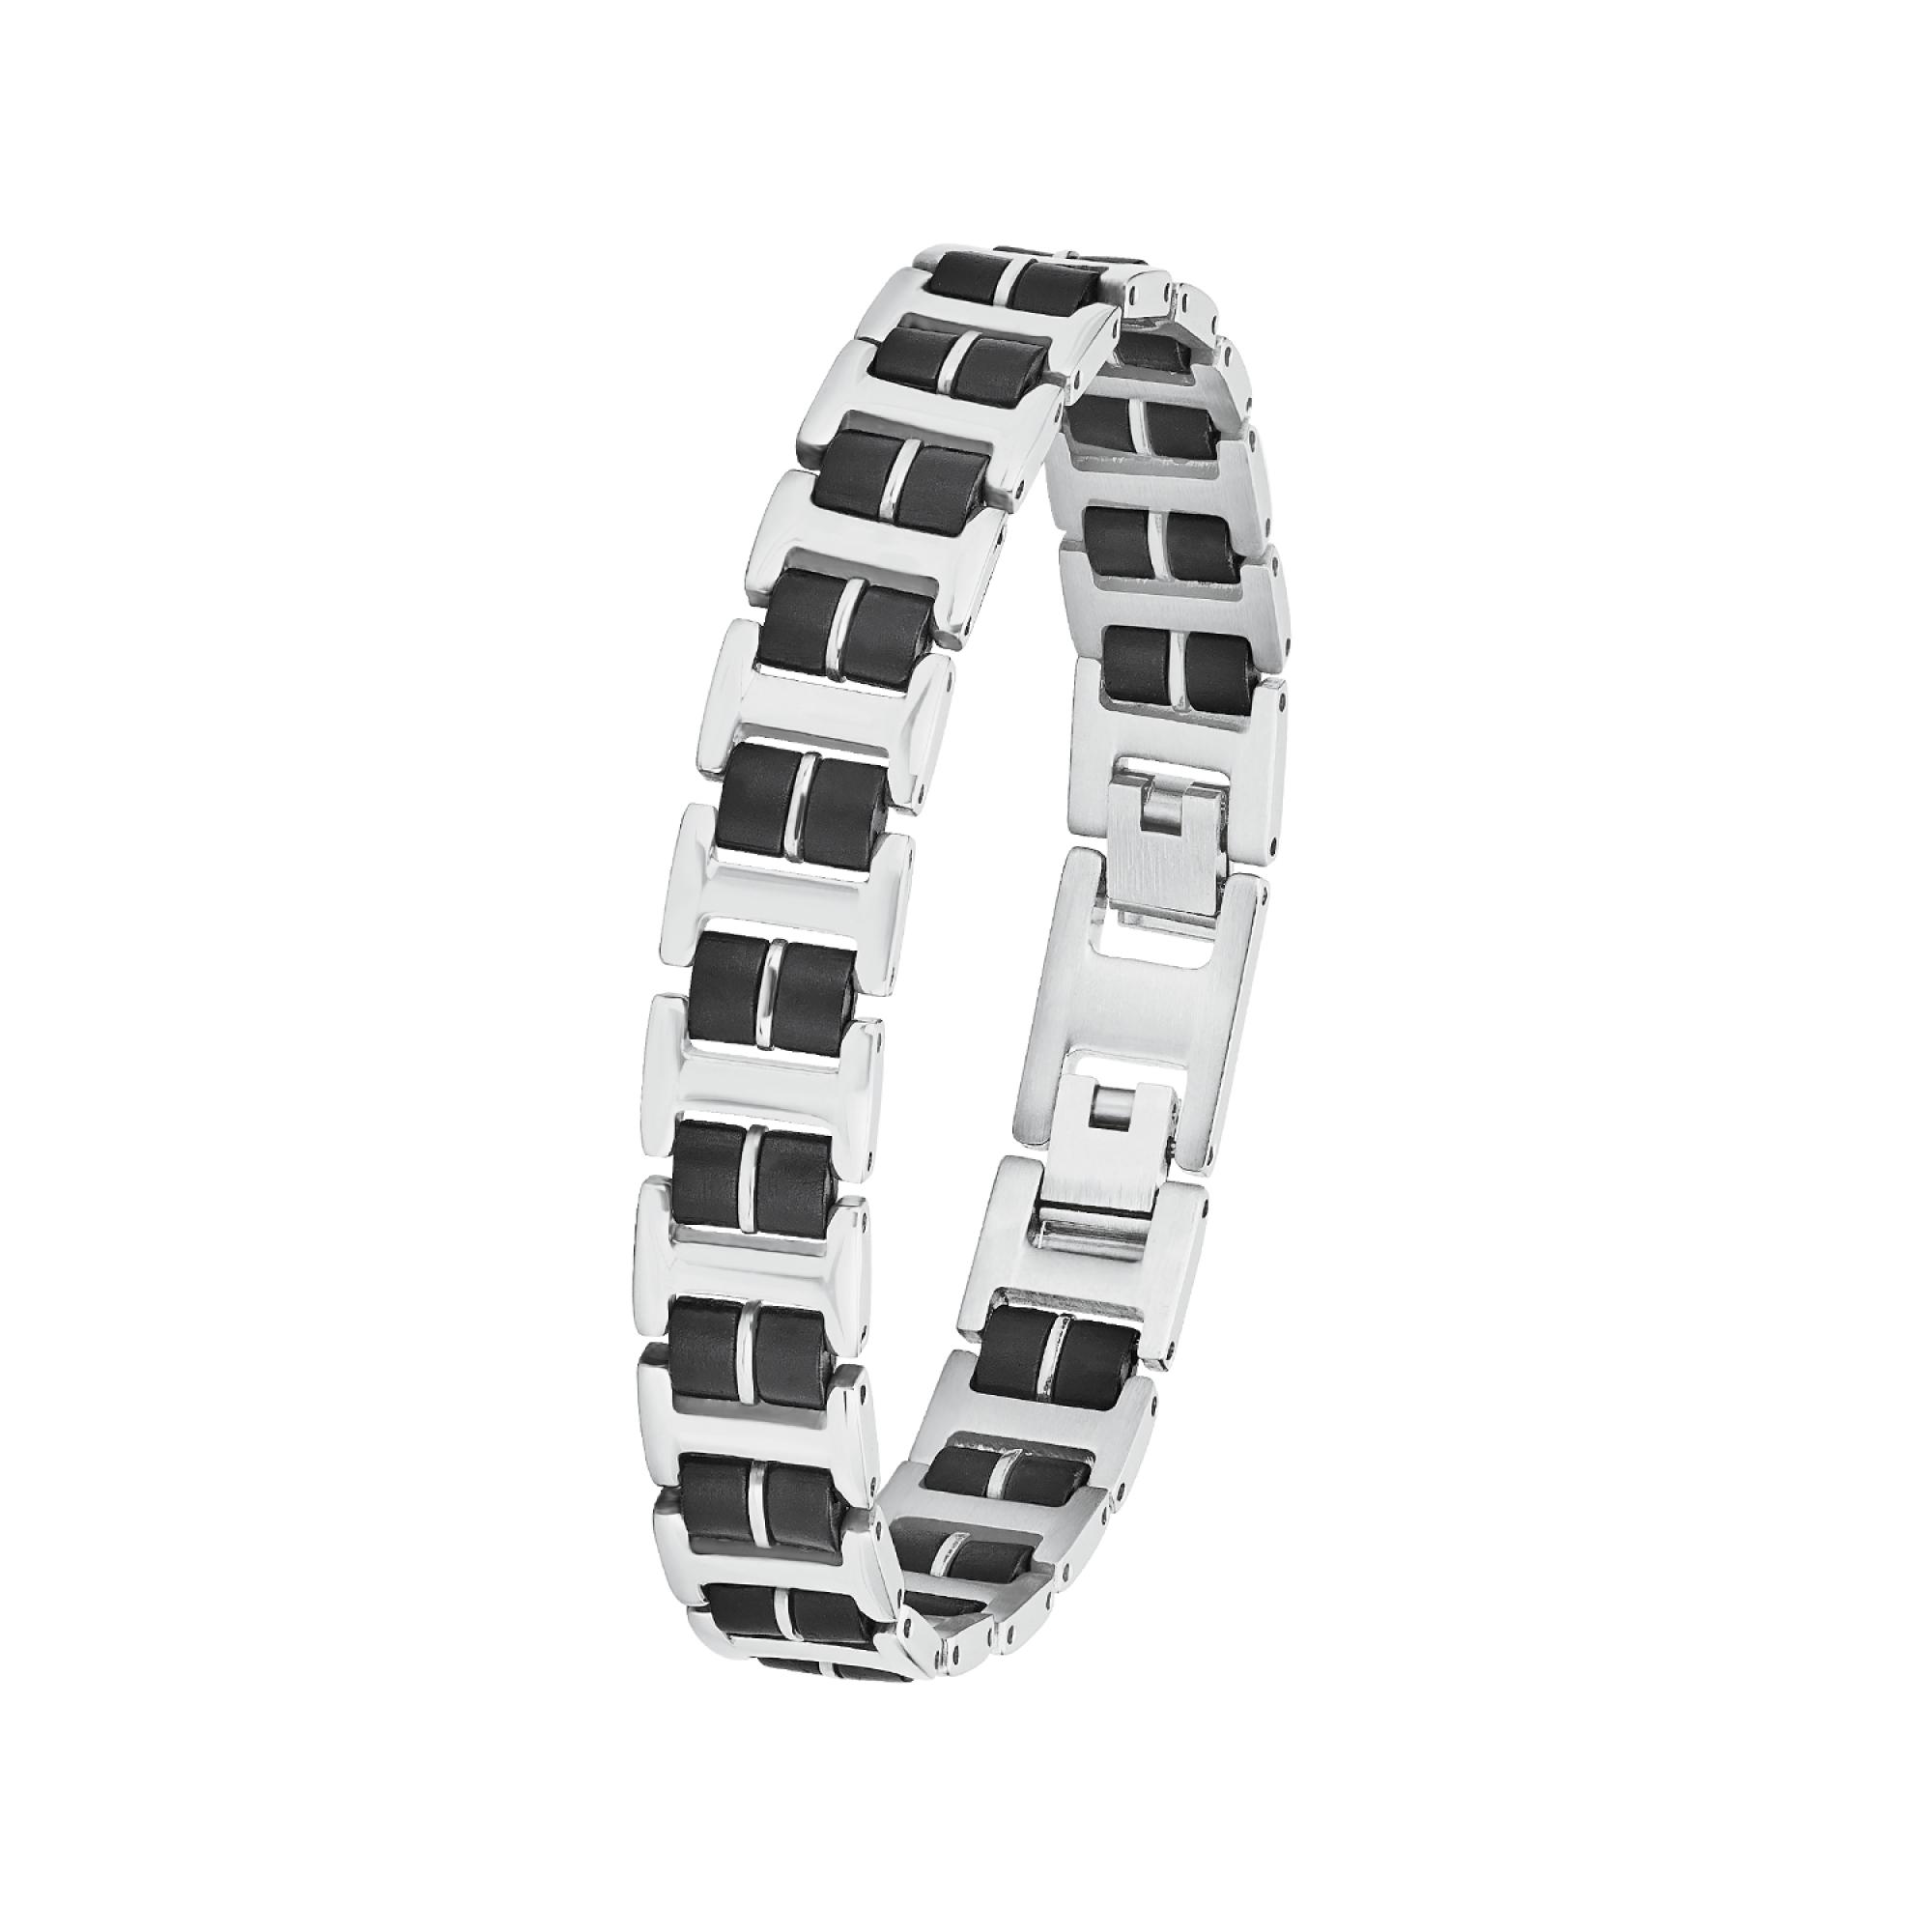 Armband für Herren, Edelstahl mit Kautschuk, 22 cm